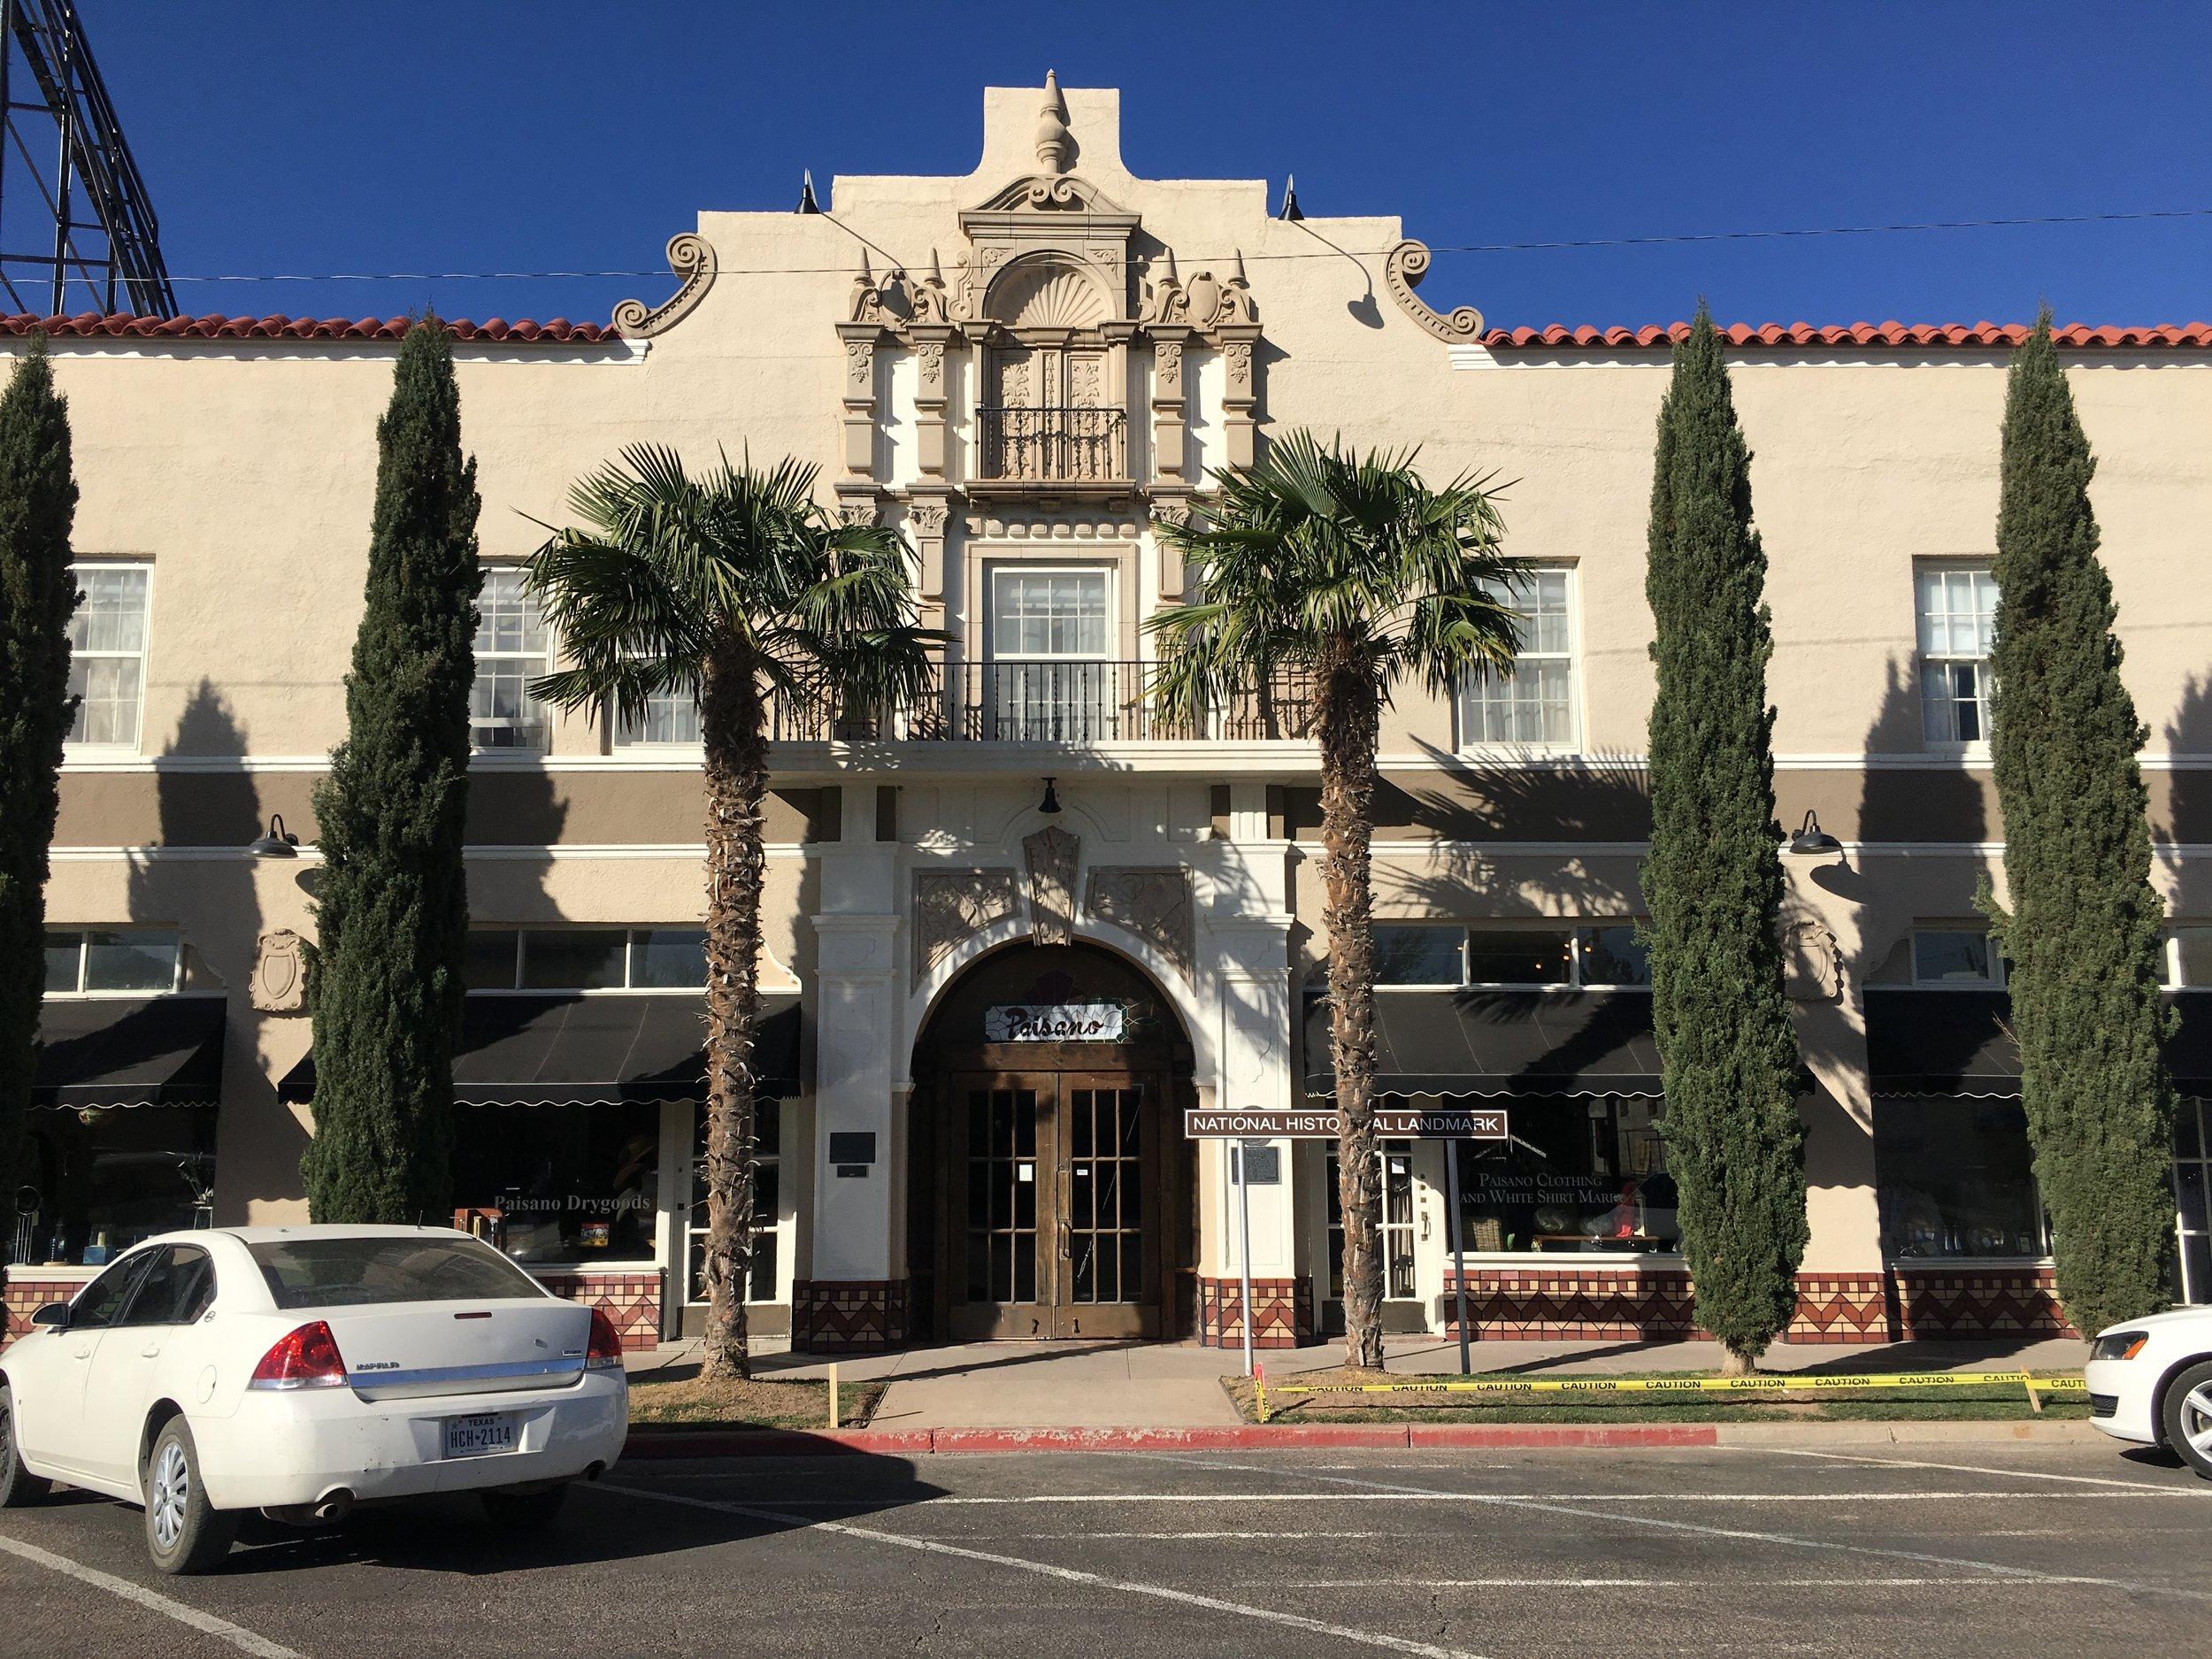 The historic Hotle Paisano, Marfa, Texas